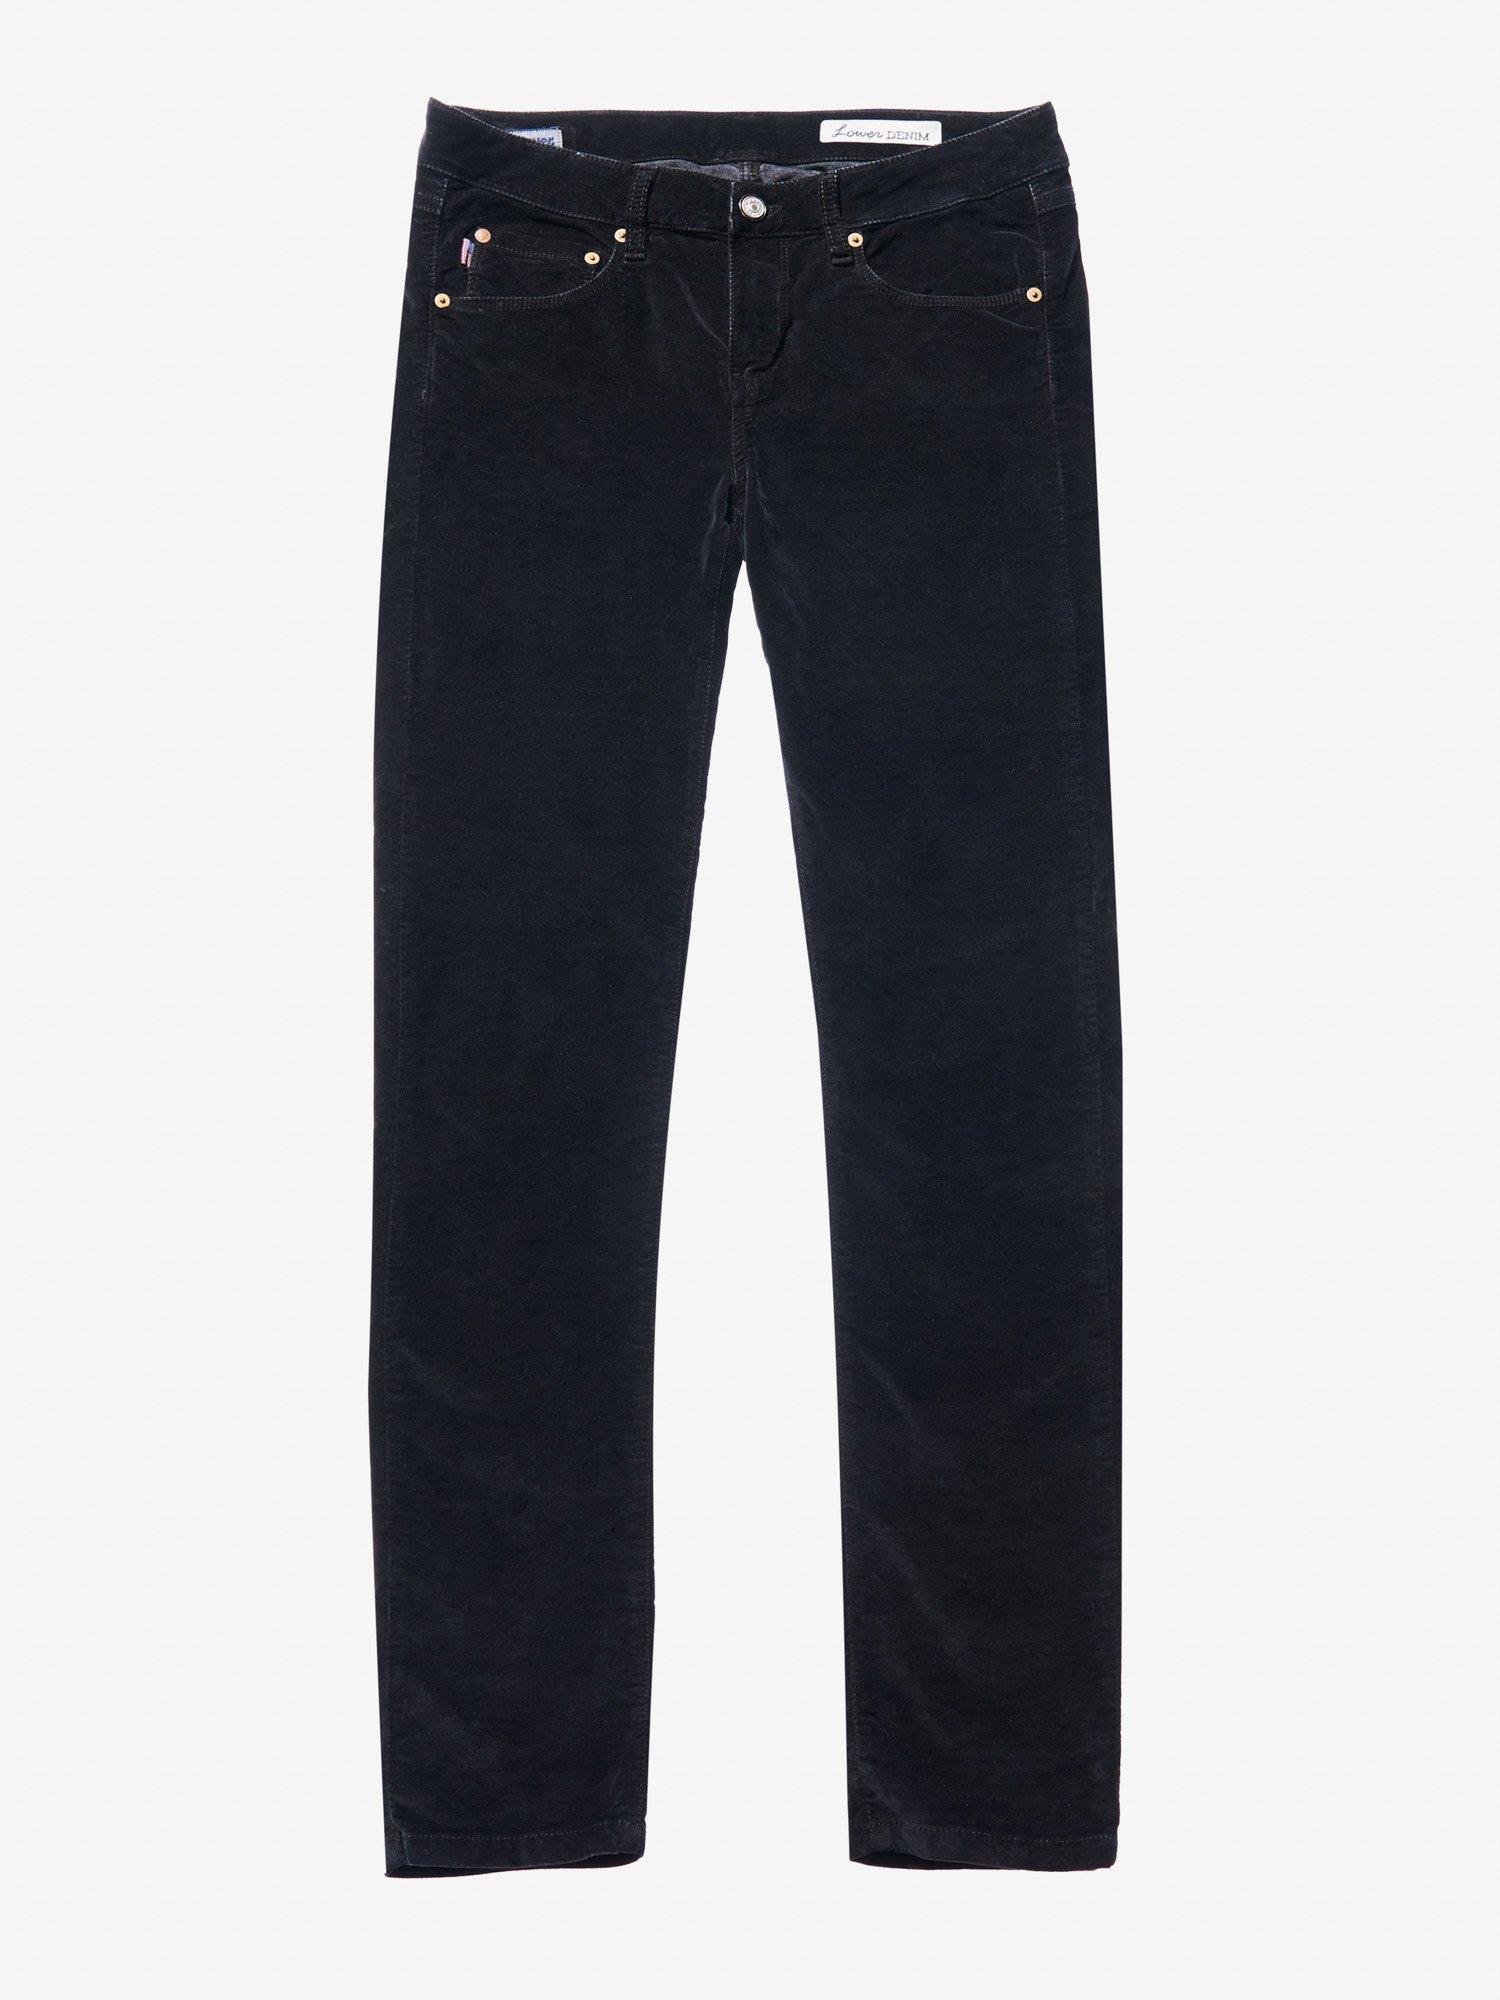 VELVET PANTS - Blauer